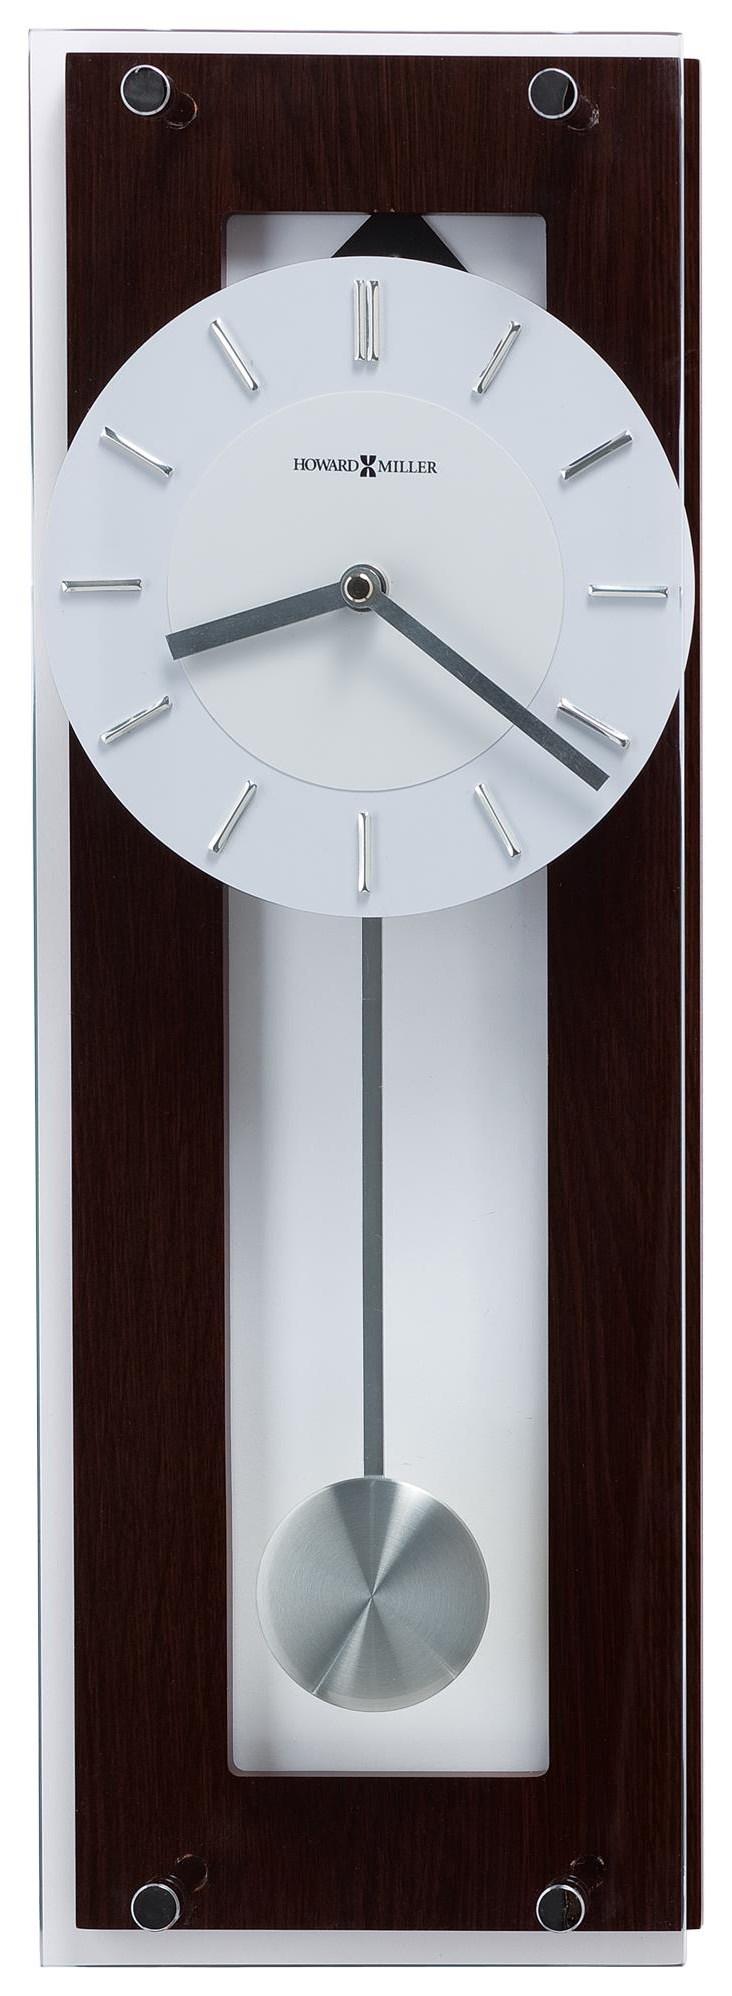 Wall Clocks Emmett Gallery Wall Clock by Howard Miller at HomeWorld Furniture